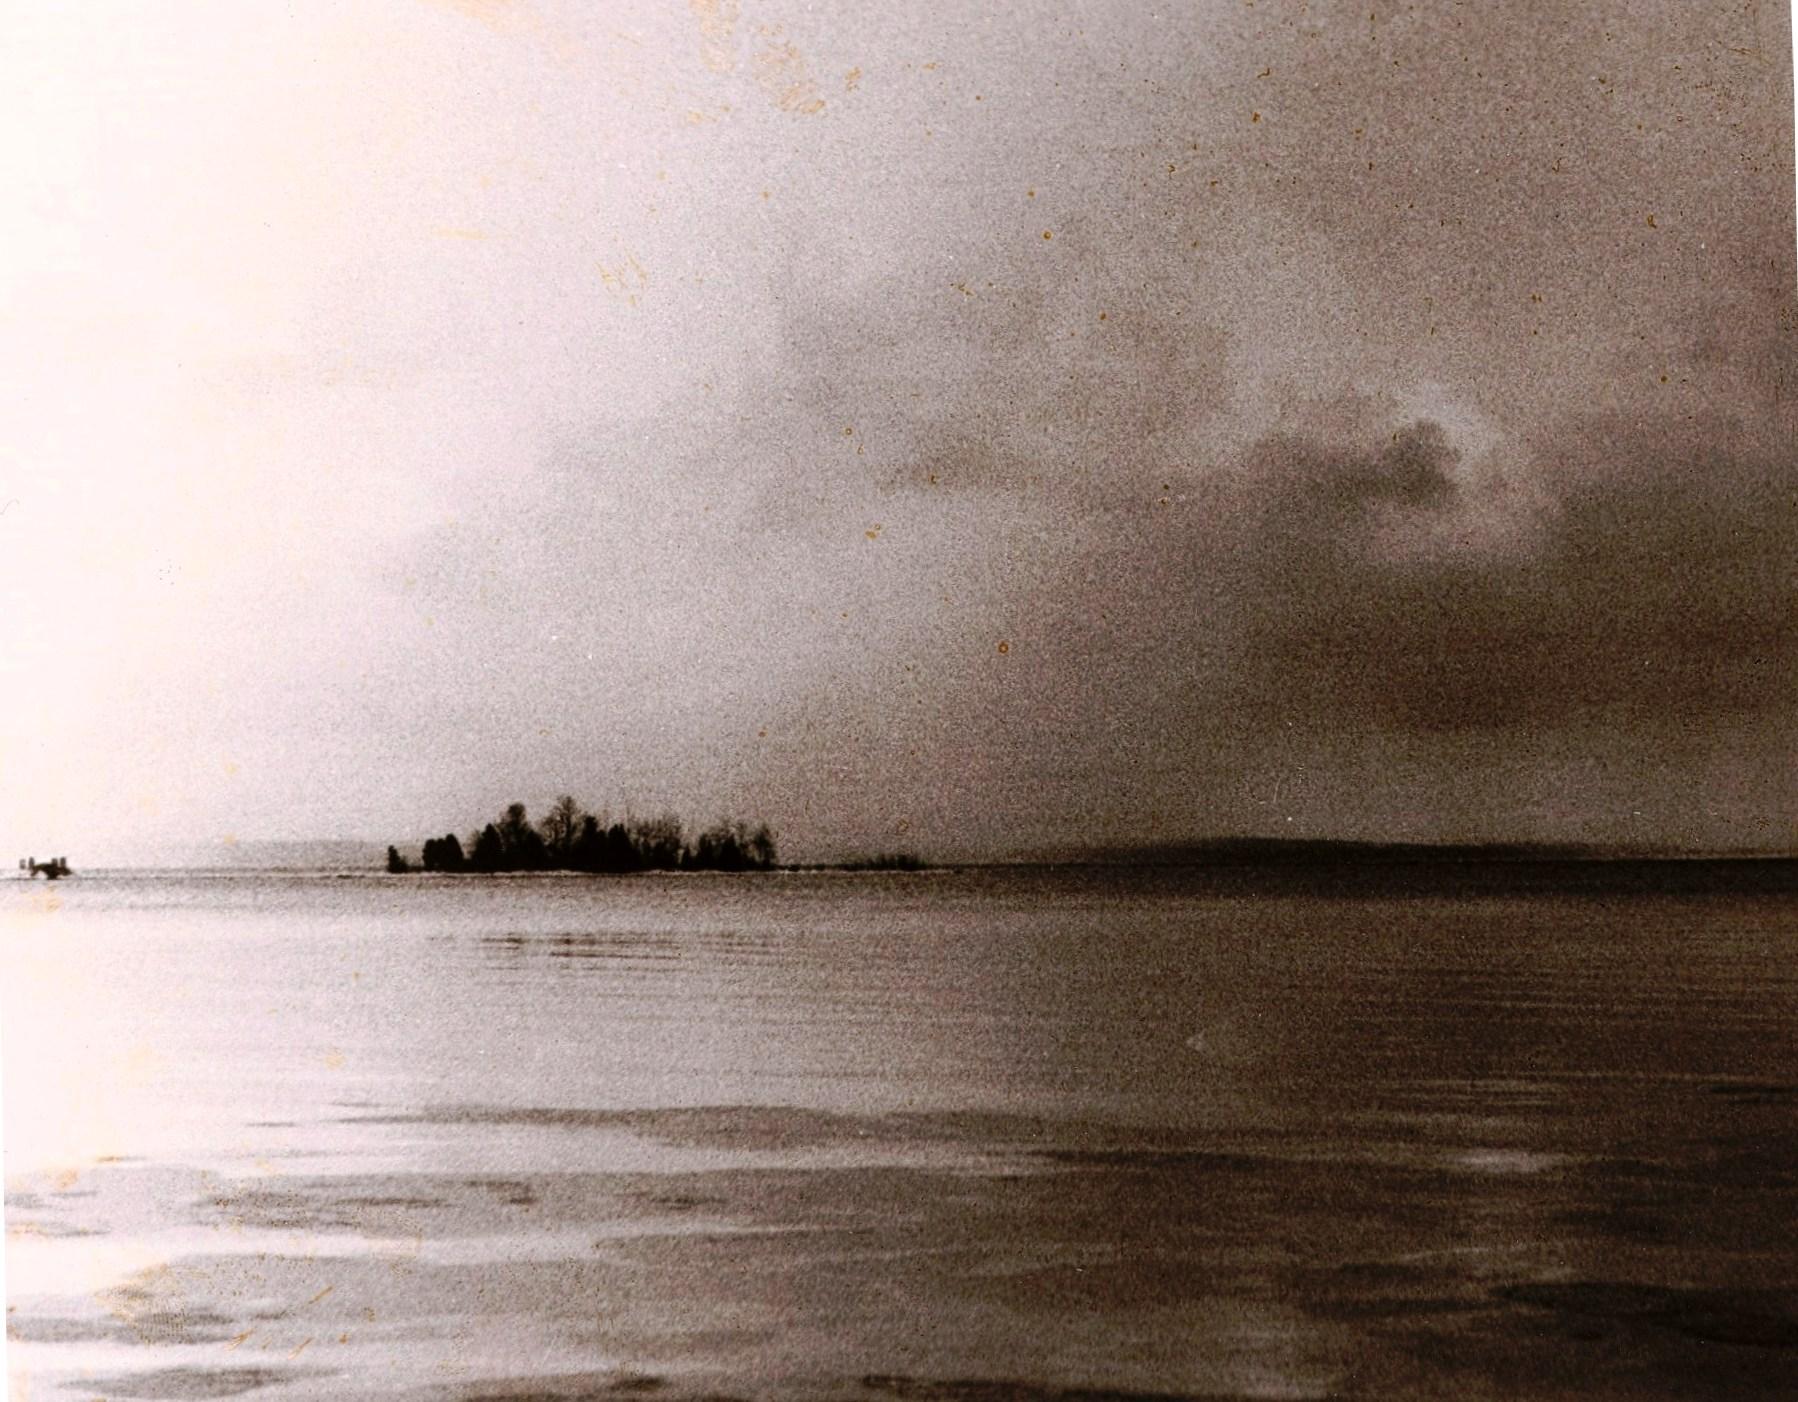 Stony Point - December 31, 1972